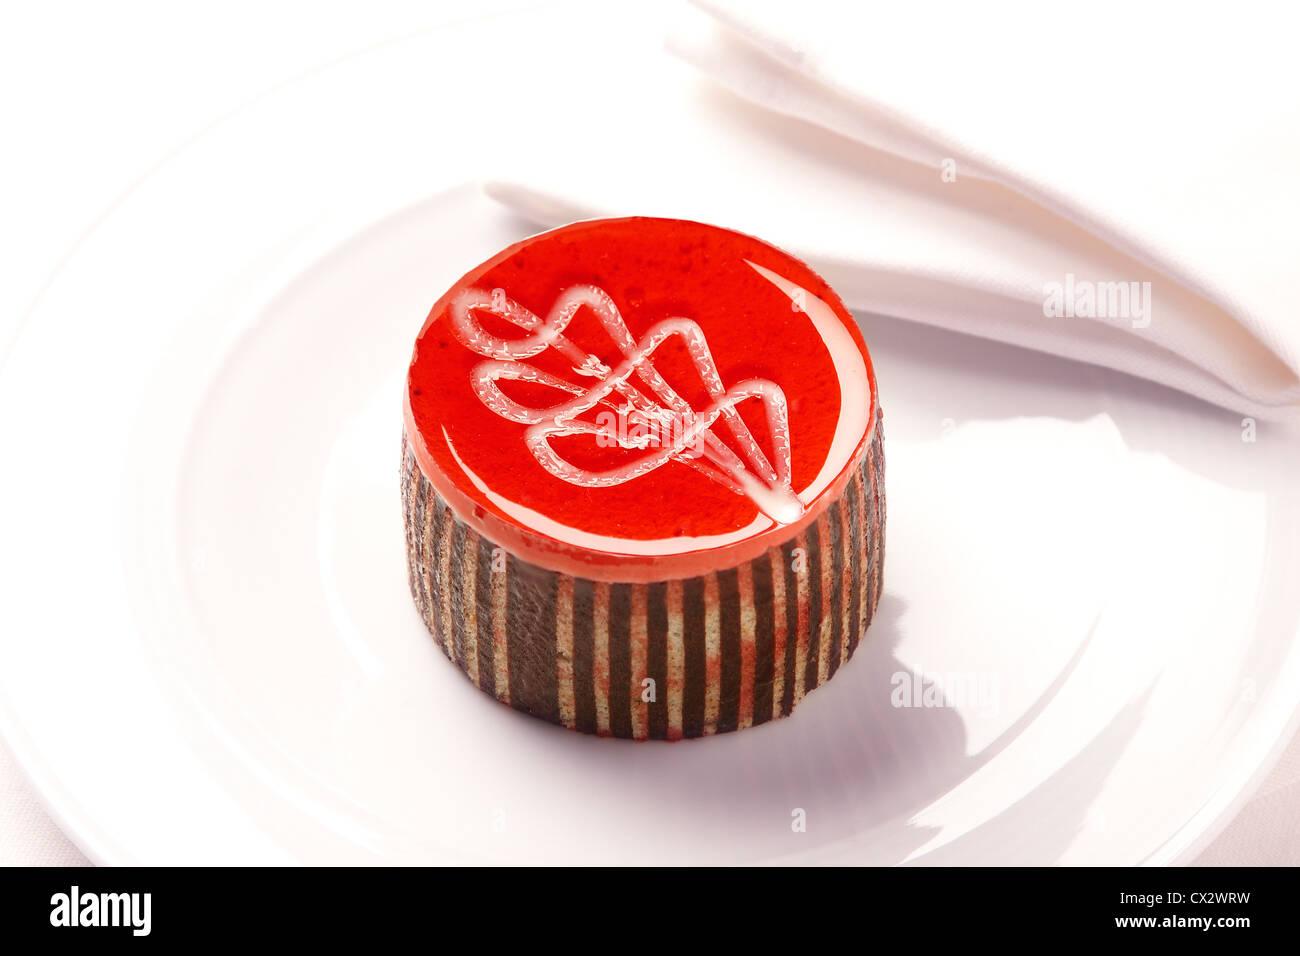 Pâtisserie gastronomique Photo Stock